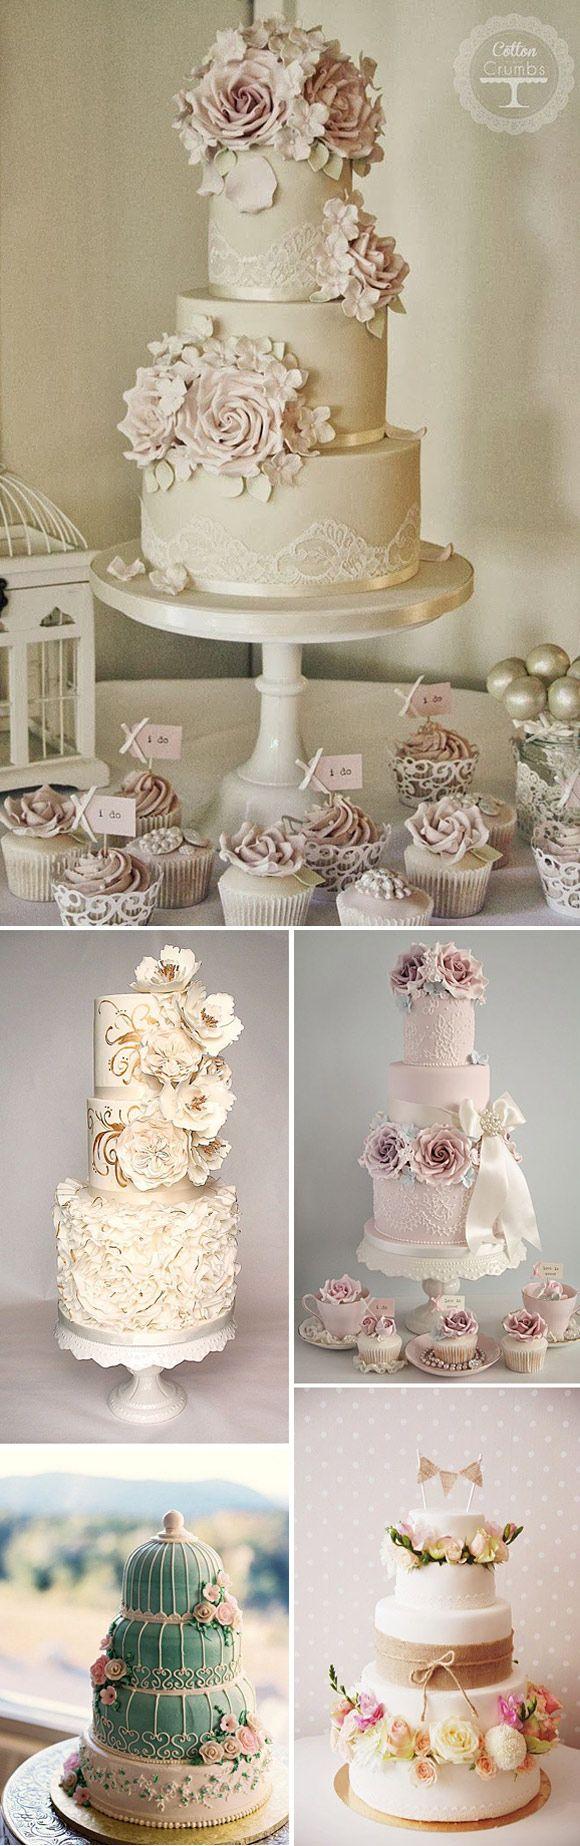 Para ayudaros a encontrar la tarta de boda perfecta hemos recopilado algunas de nuestras tartas nupciales preferidas.